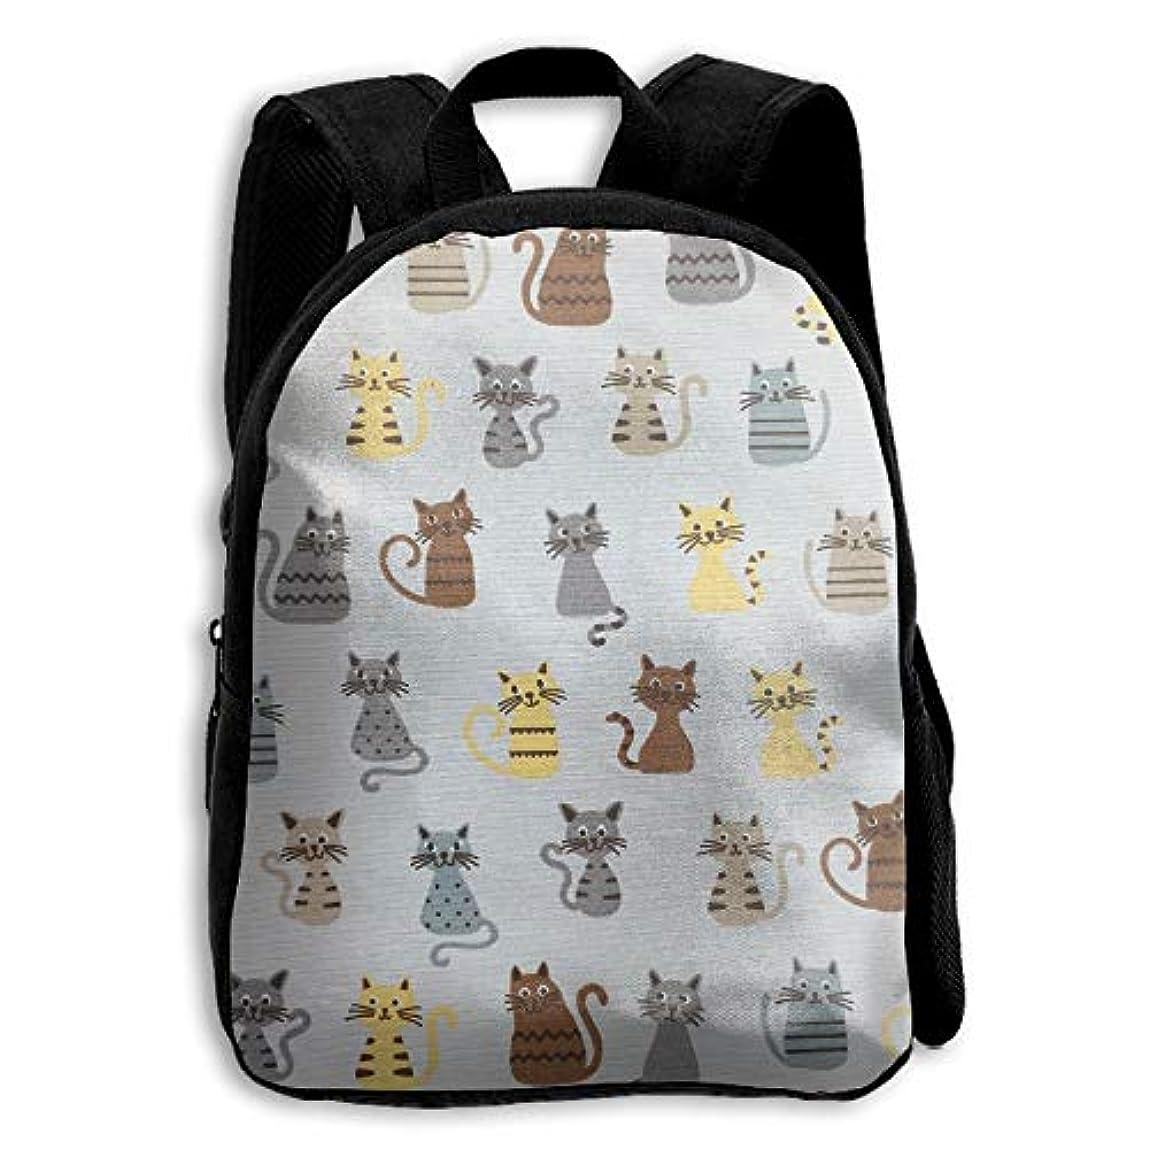 元の何でも散らすキッズ バックパック 子供用 リュックサック カートゥーン 猫 ショルダー デイパック アウトドア 男の子 女の子 通学 旅行 遠足